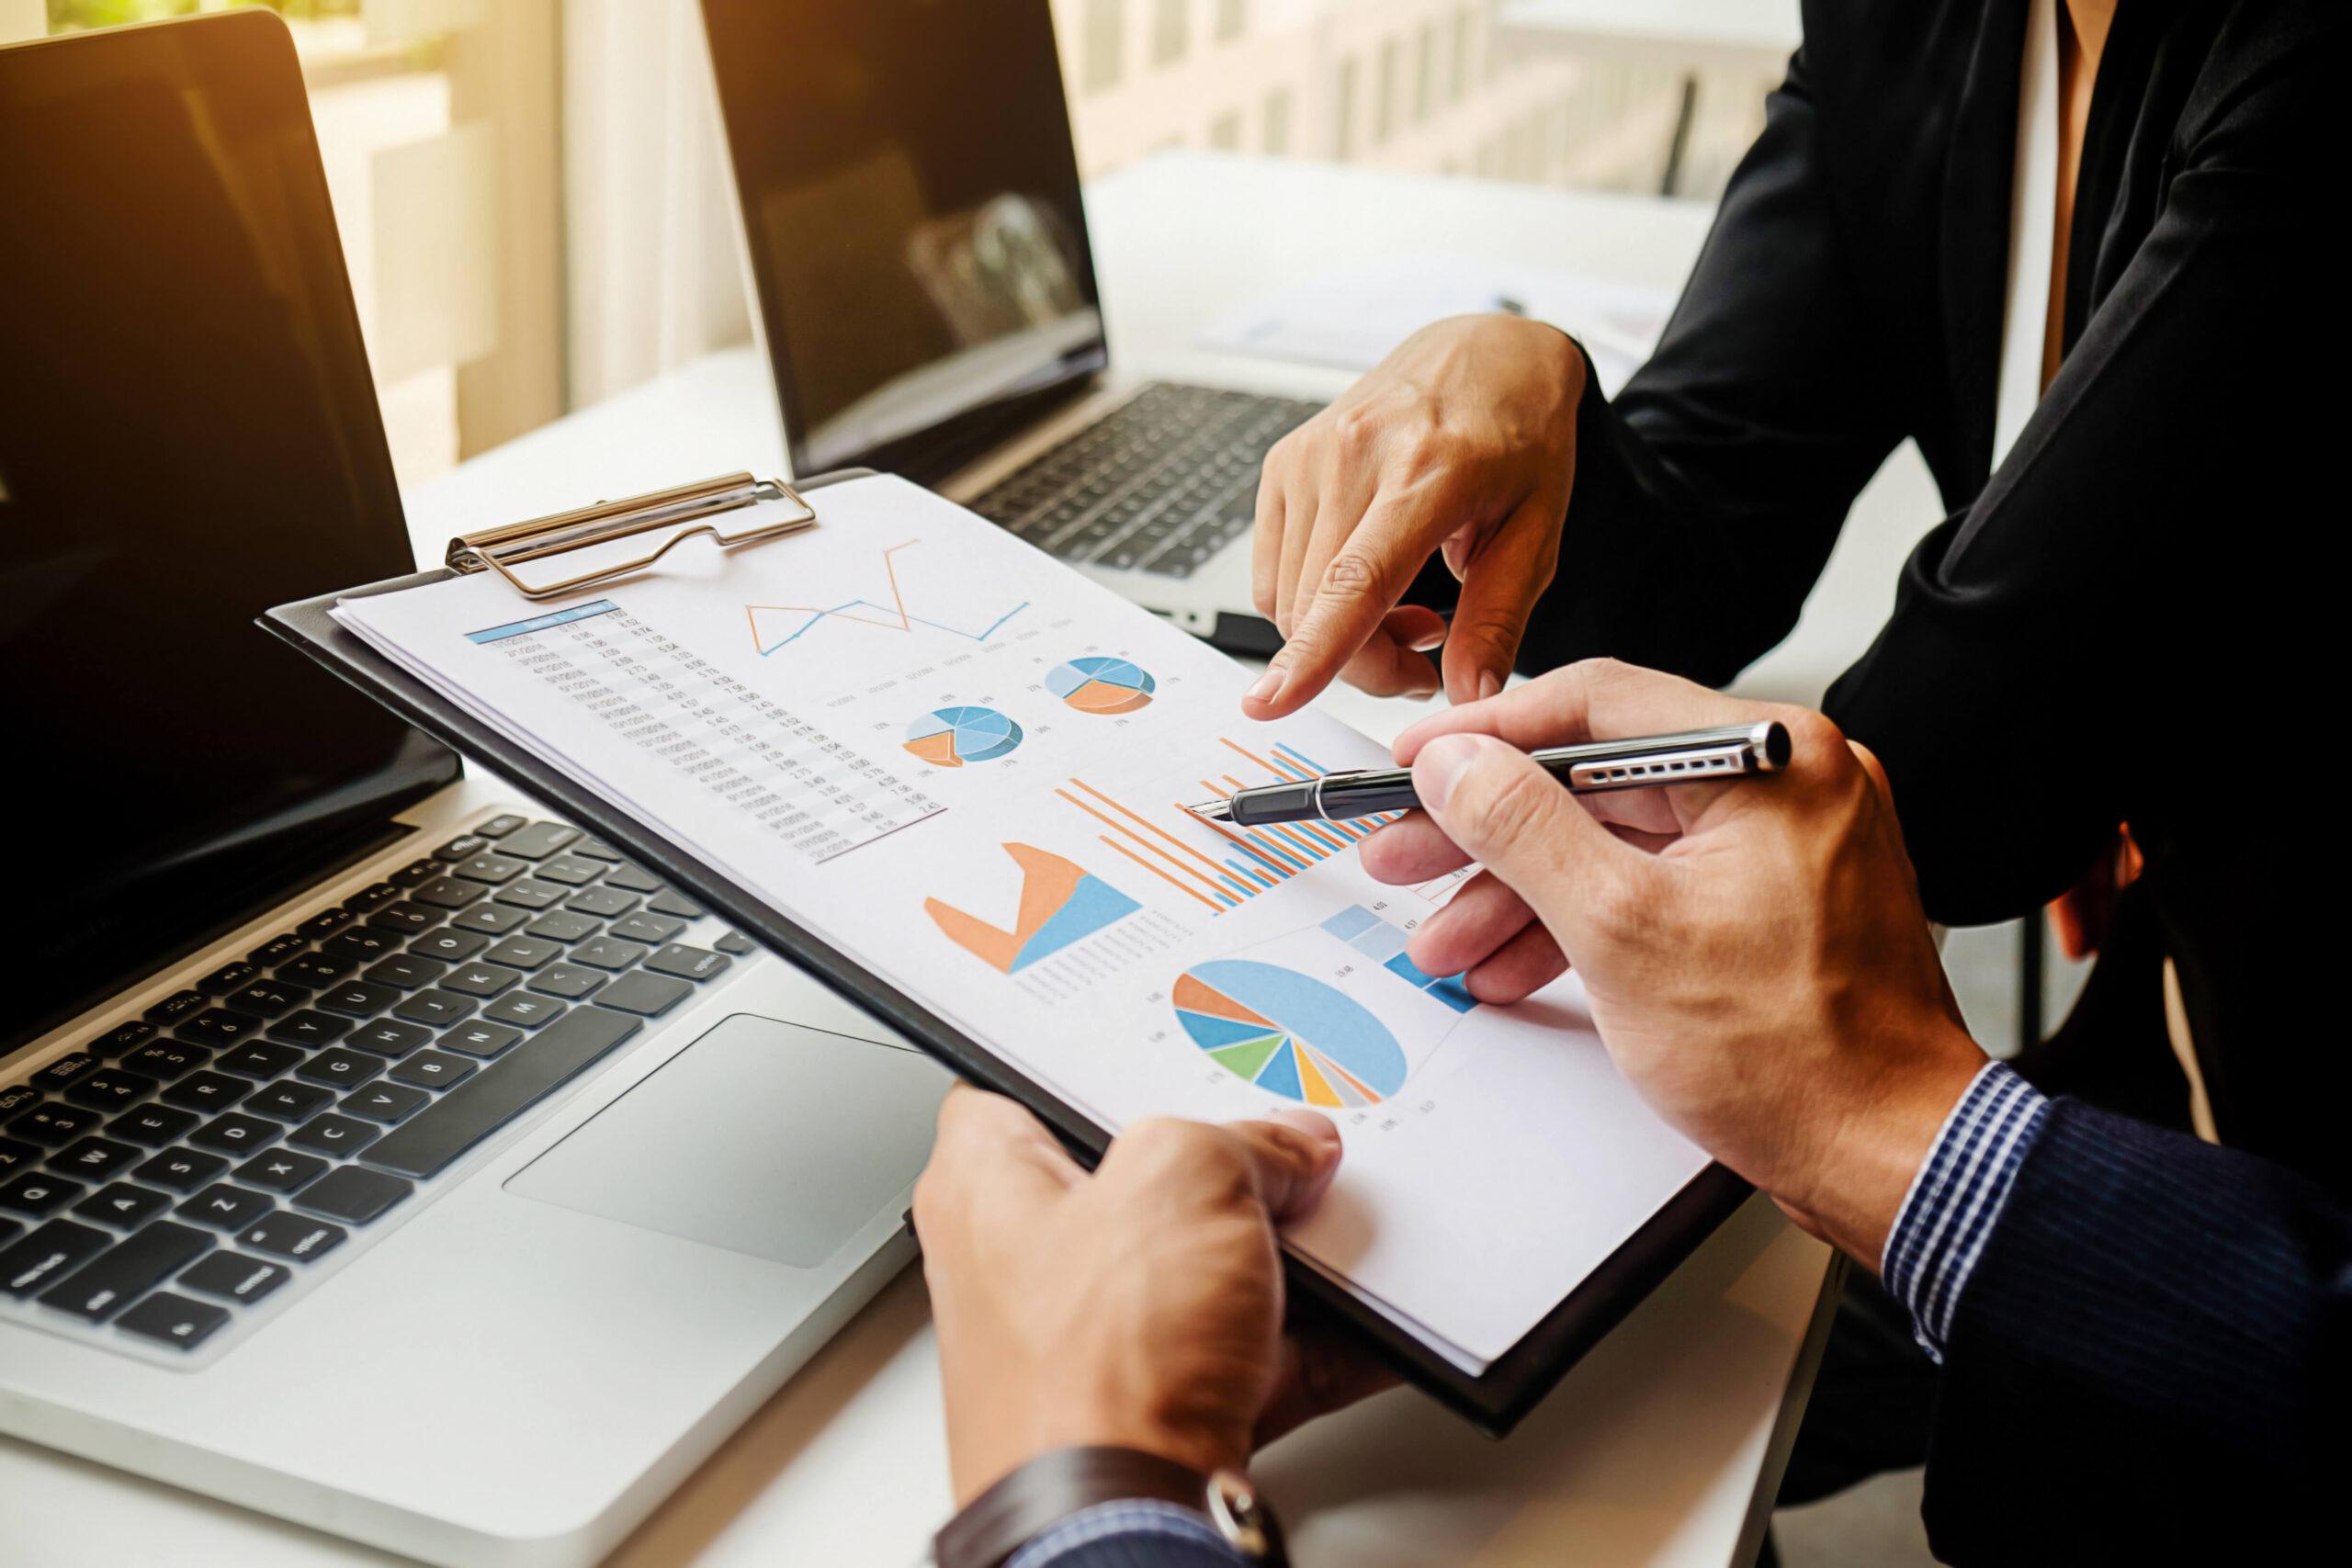 راهکارهای مقابله با چالشهای اصلی گروههای حسابرسی کوچک